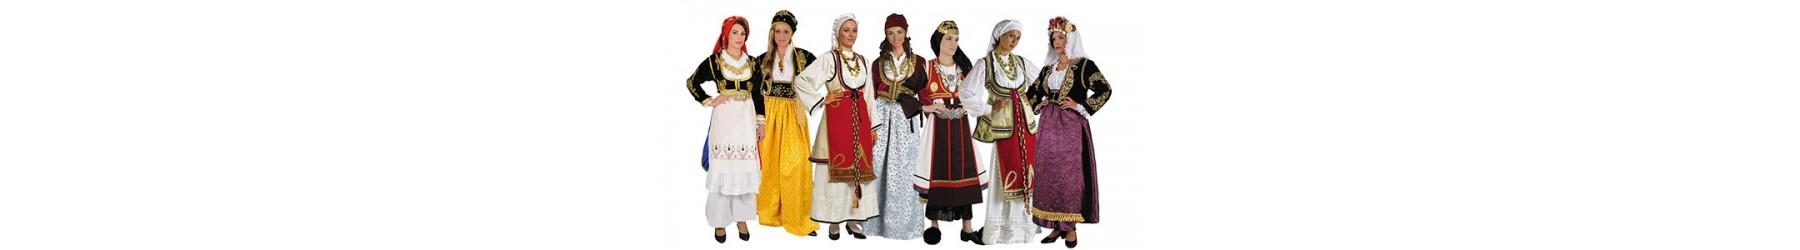 Παραδοσιακές γυναικείες στολές Αμαλία και τοπικές φορεσιές